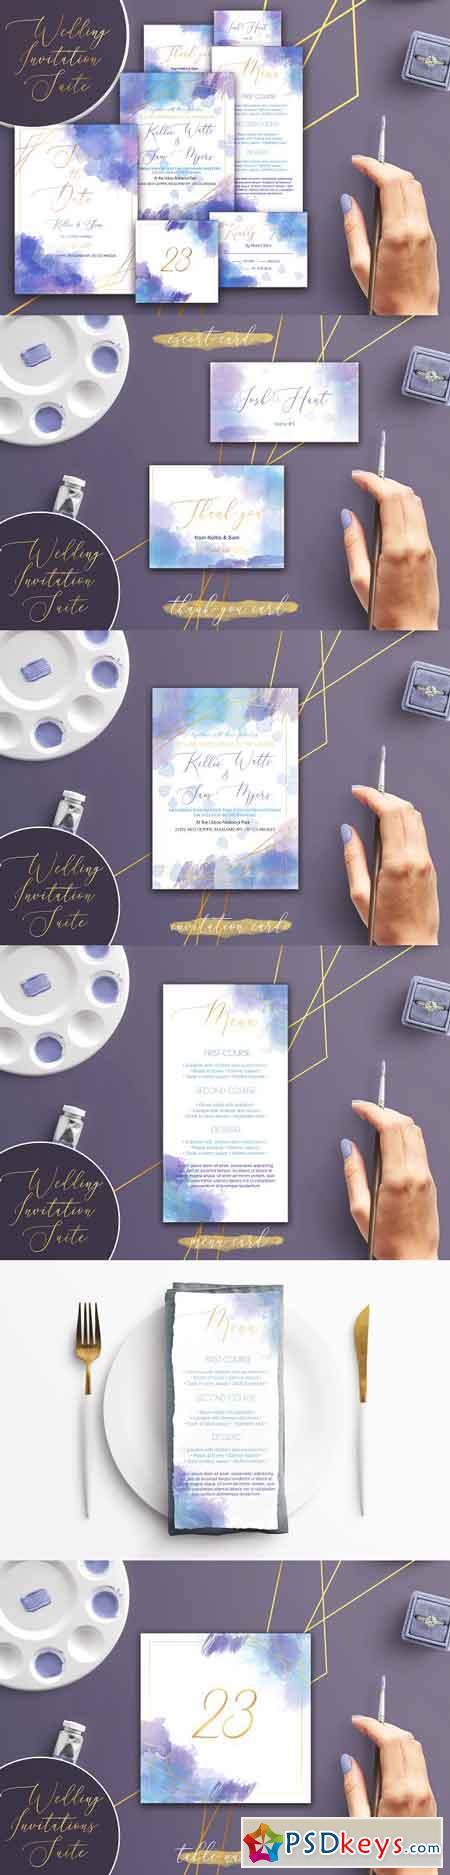 Watercolor Wedding Invitation Suite 3186347